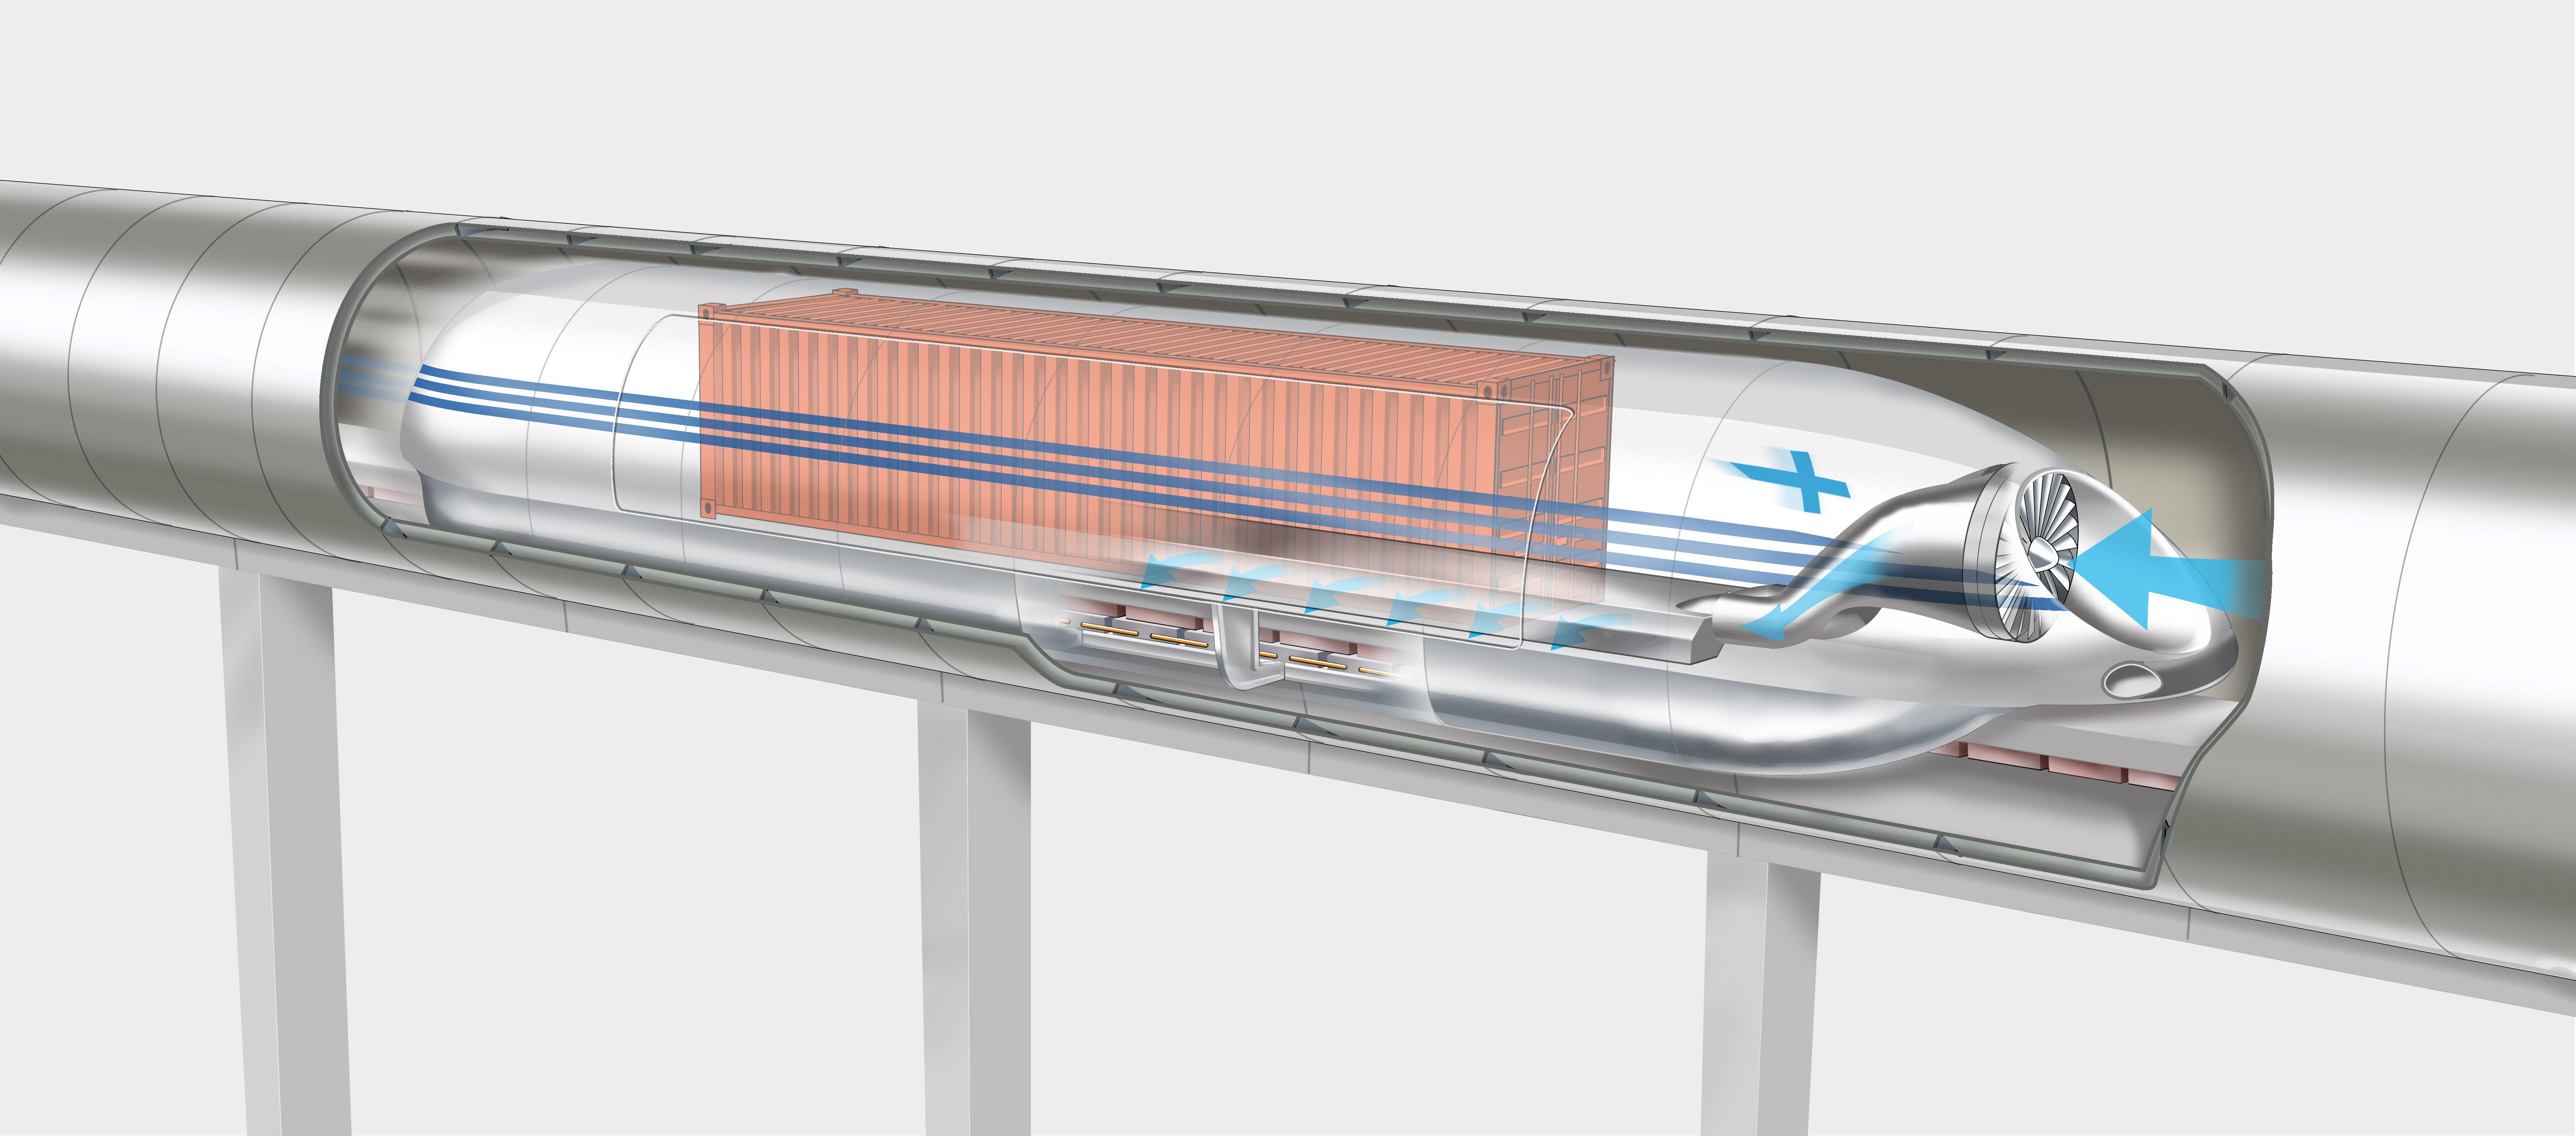 Print - Verkkokauppa.com ehdottaa huippunopean Hyperloop-radan rakentamista Helsingin, Turun ja ...